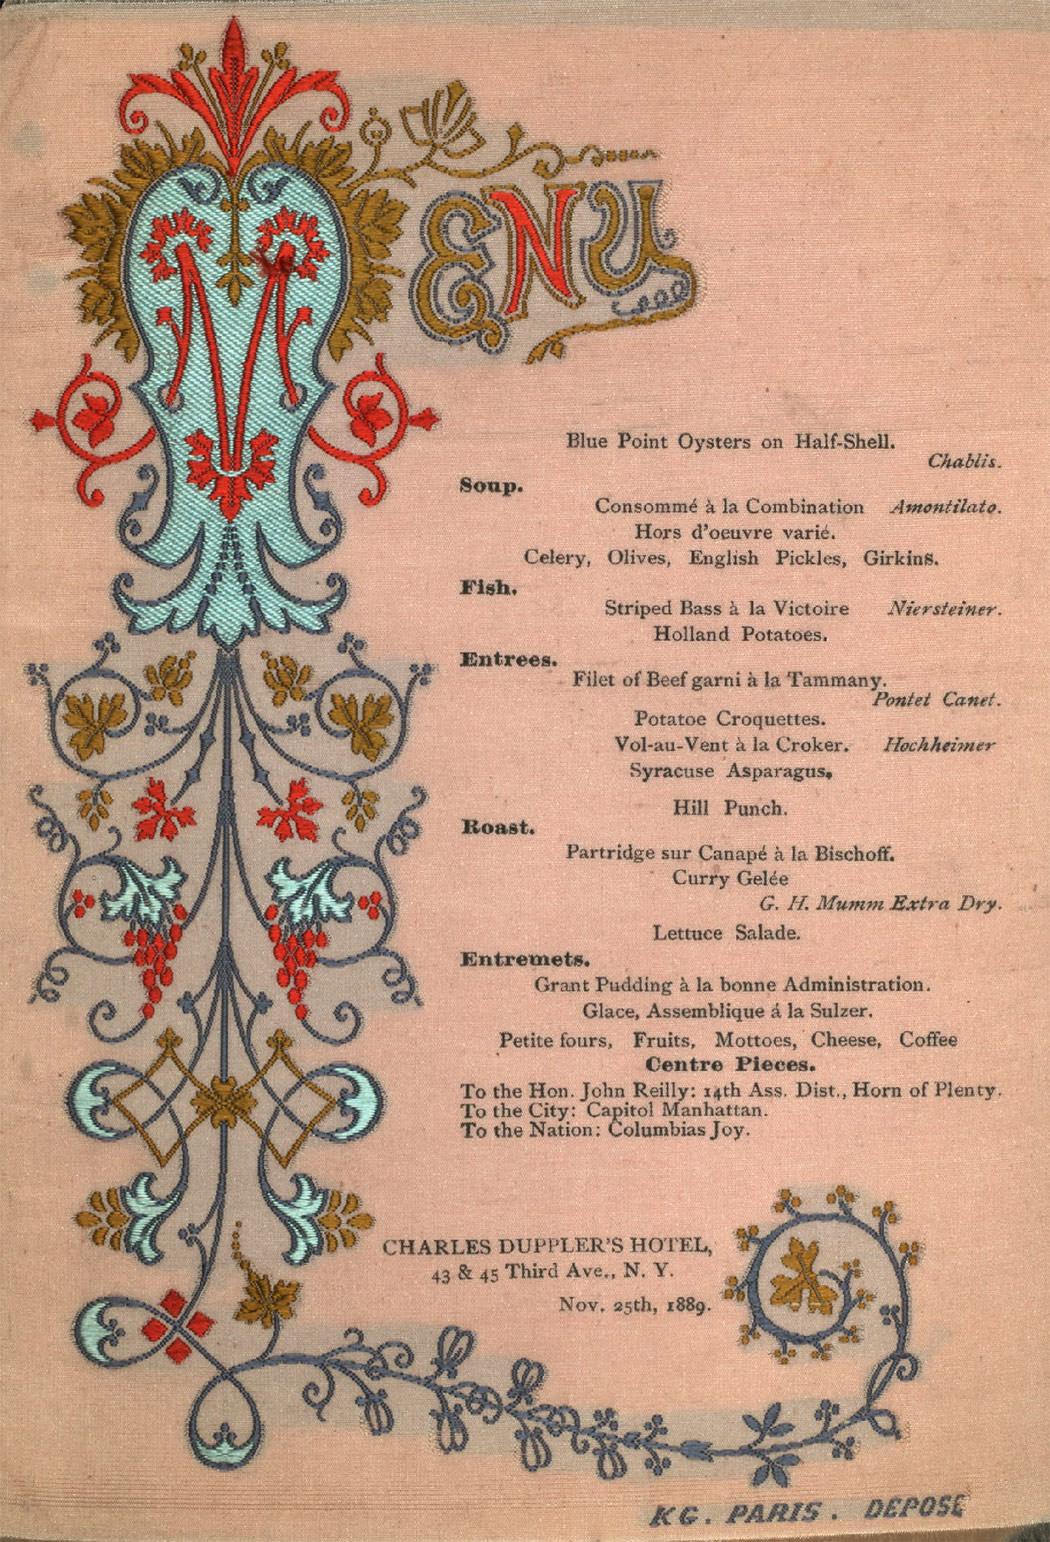 dupplers-hotel-ny-1889